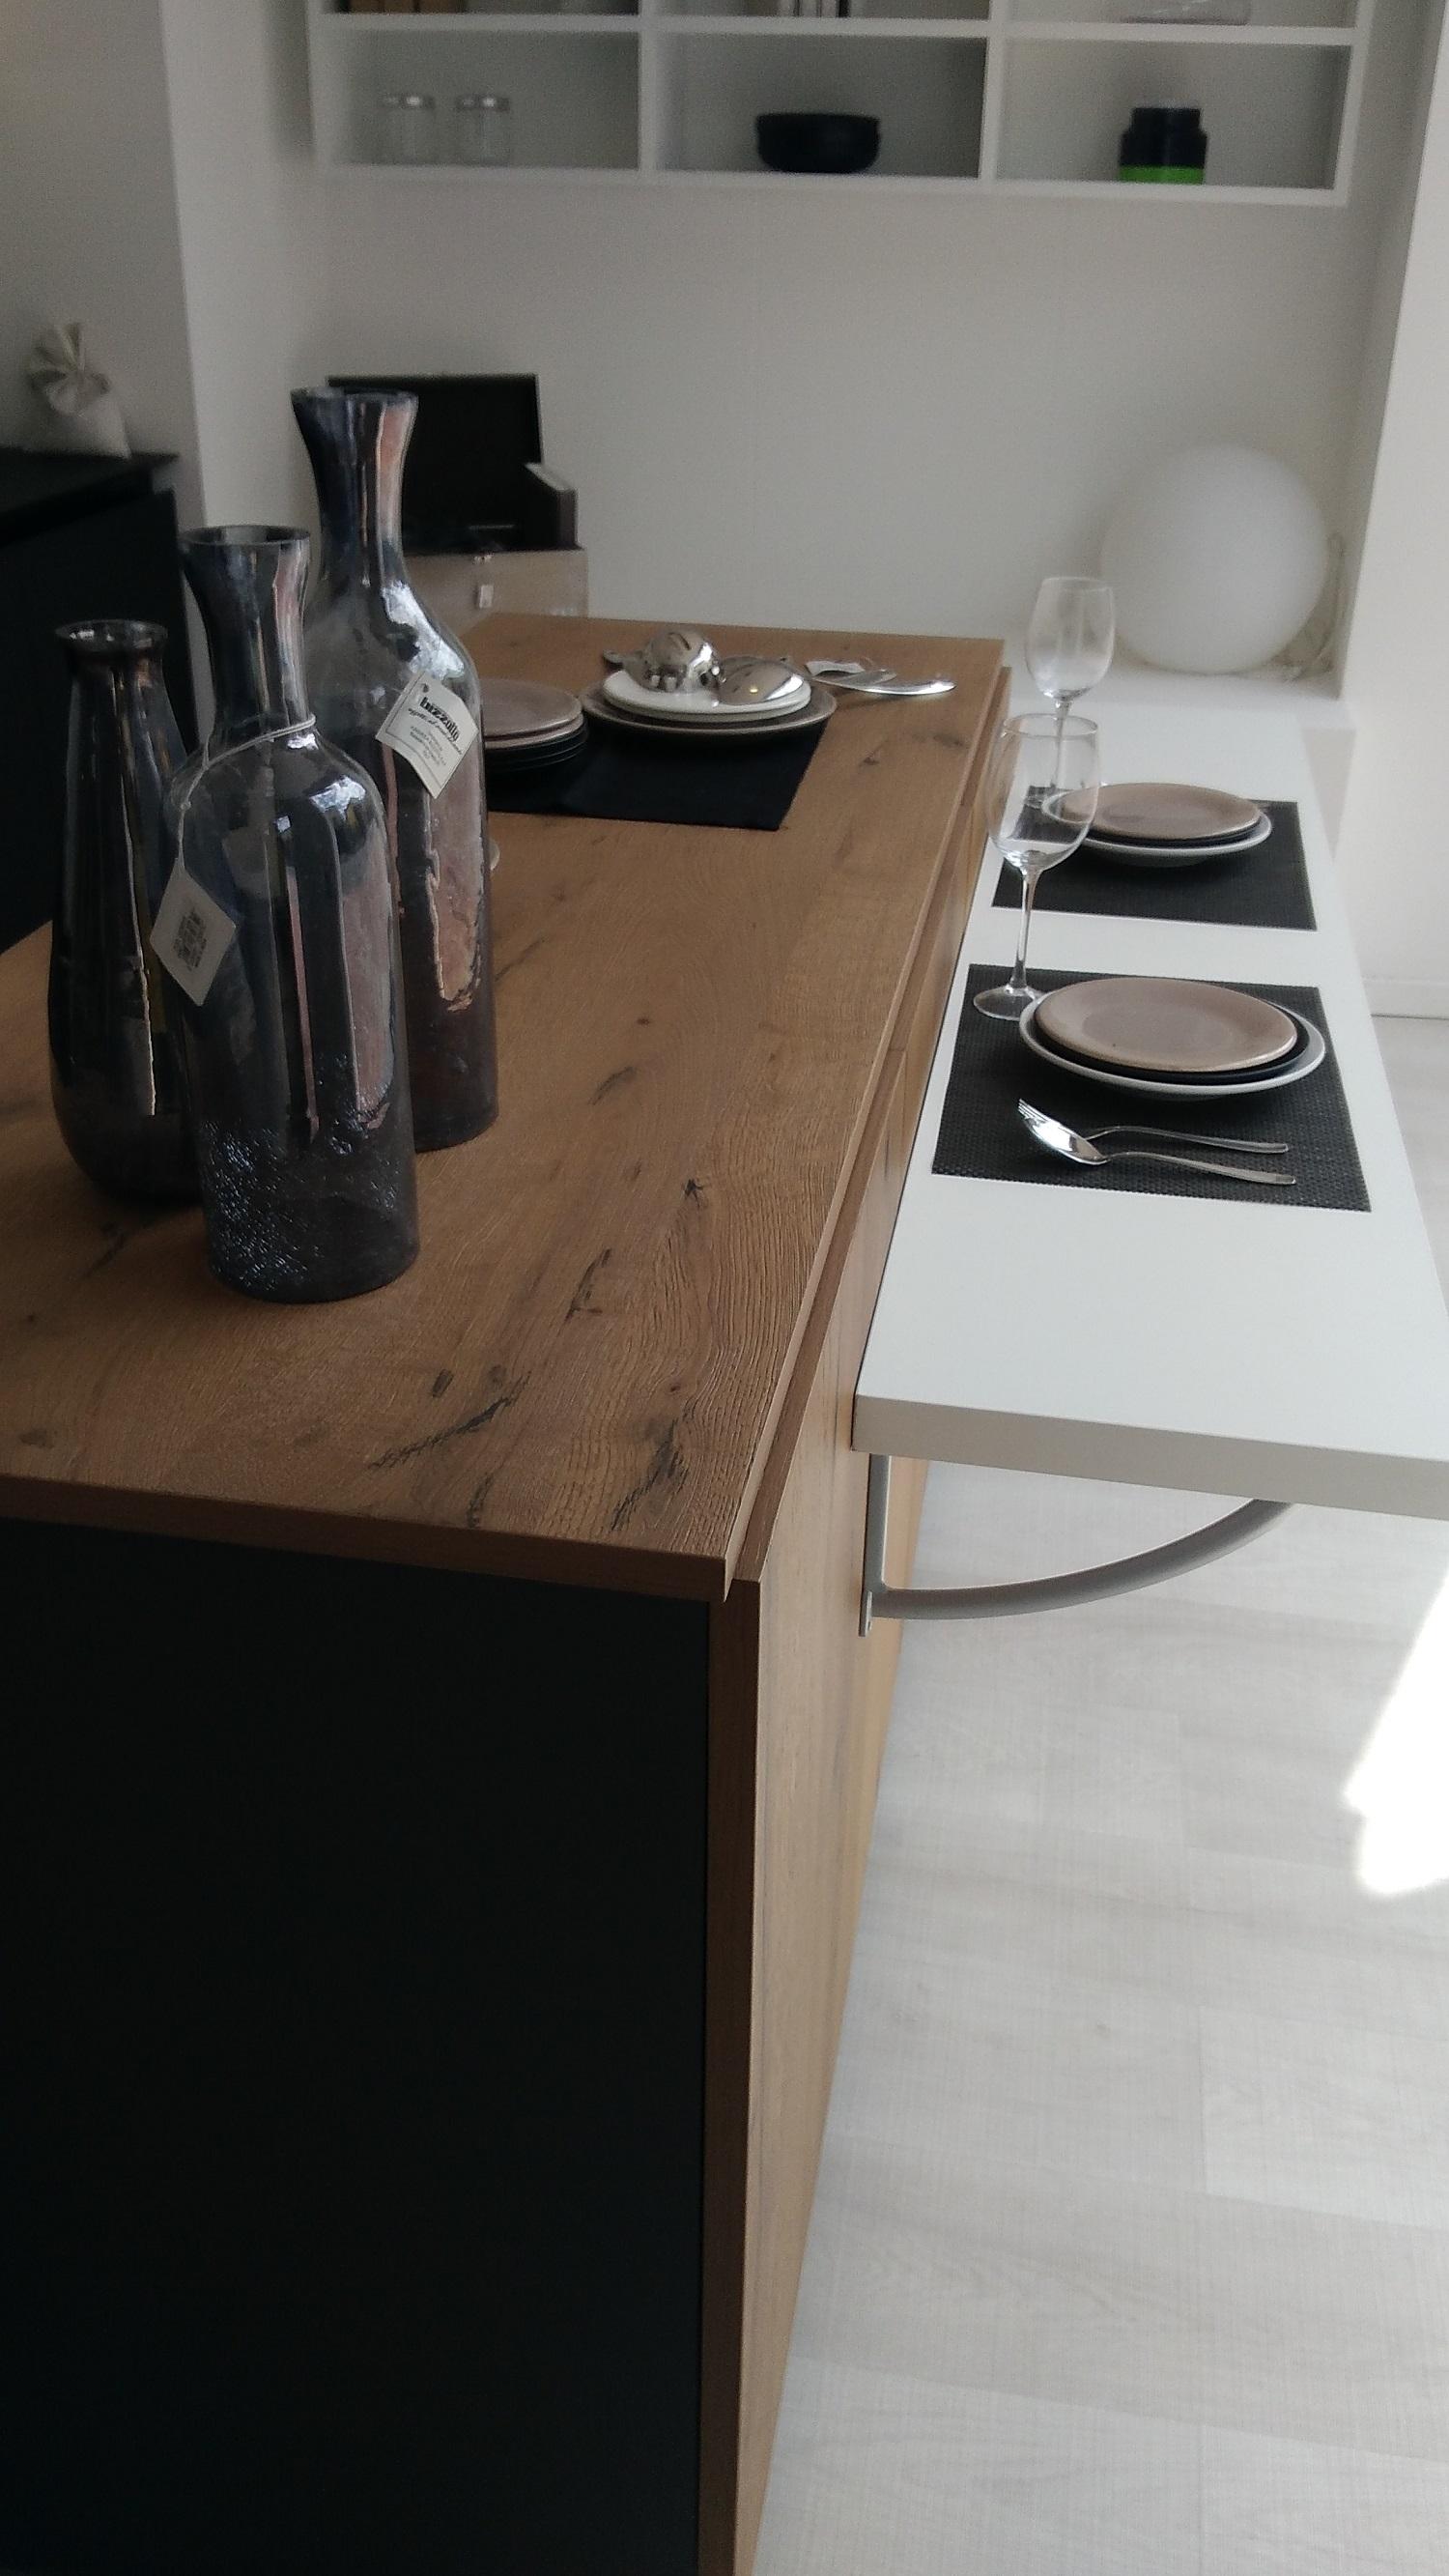 Cucina lube modello oltre cucine a prezzi scontati - Cucina oltre lube ...